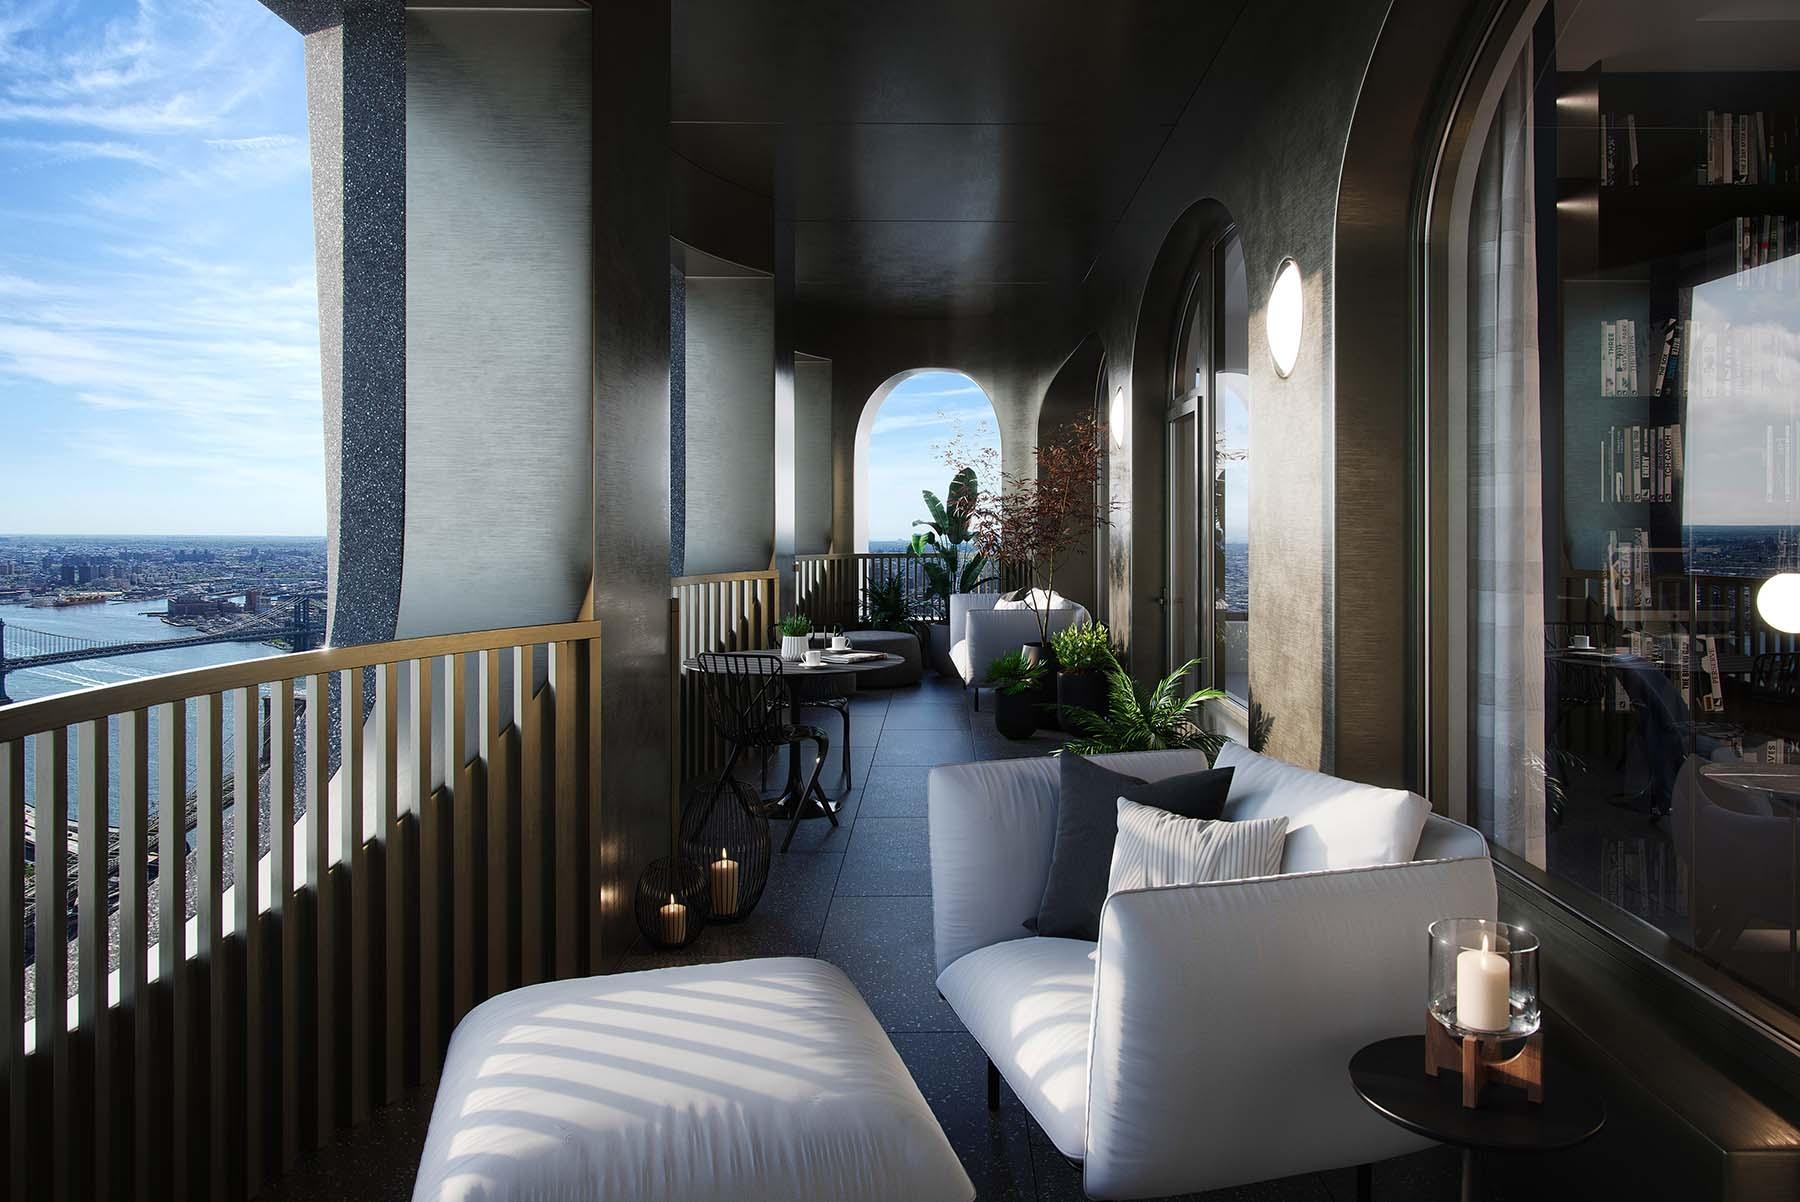 Las viviendas cuentan con unas vistas espectaculares de la ciudad de Nueva York.